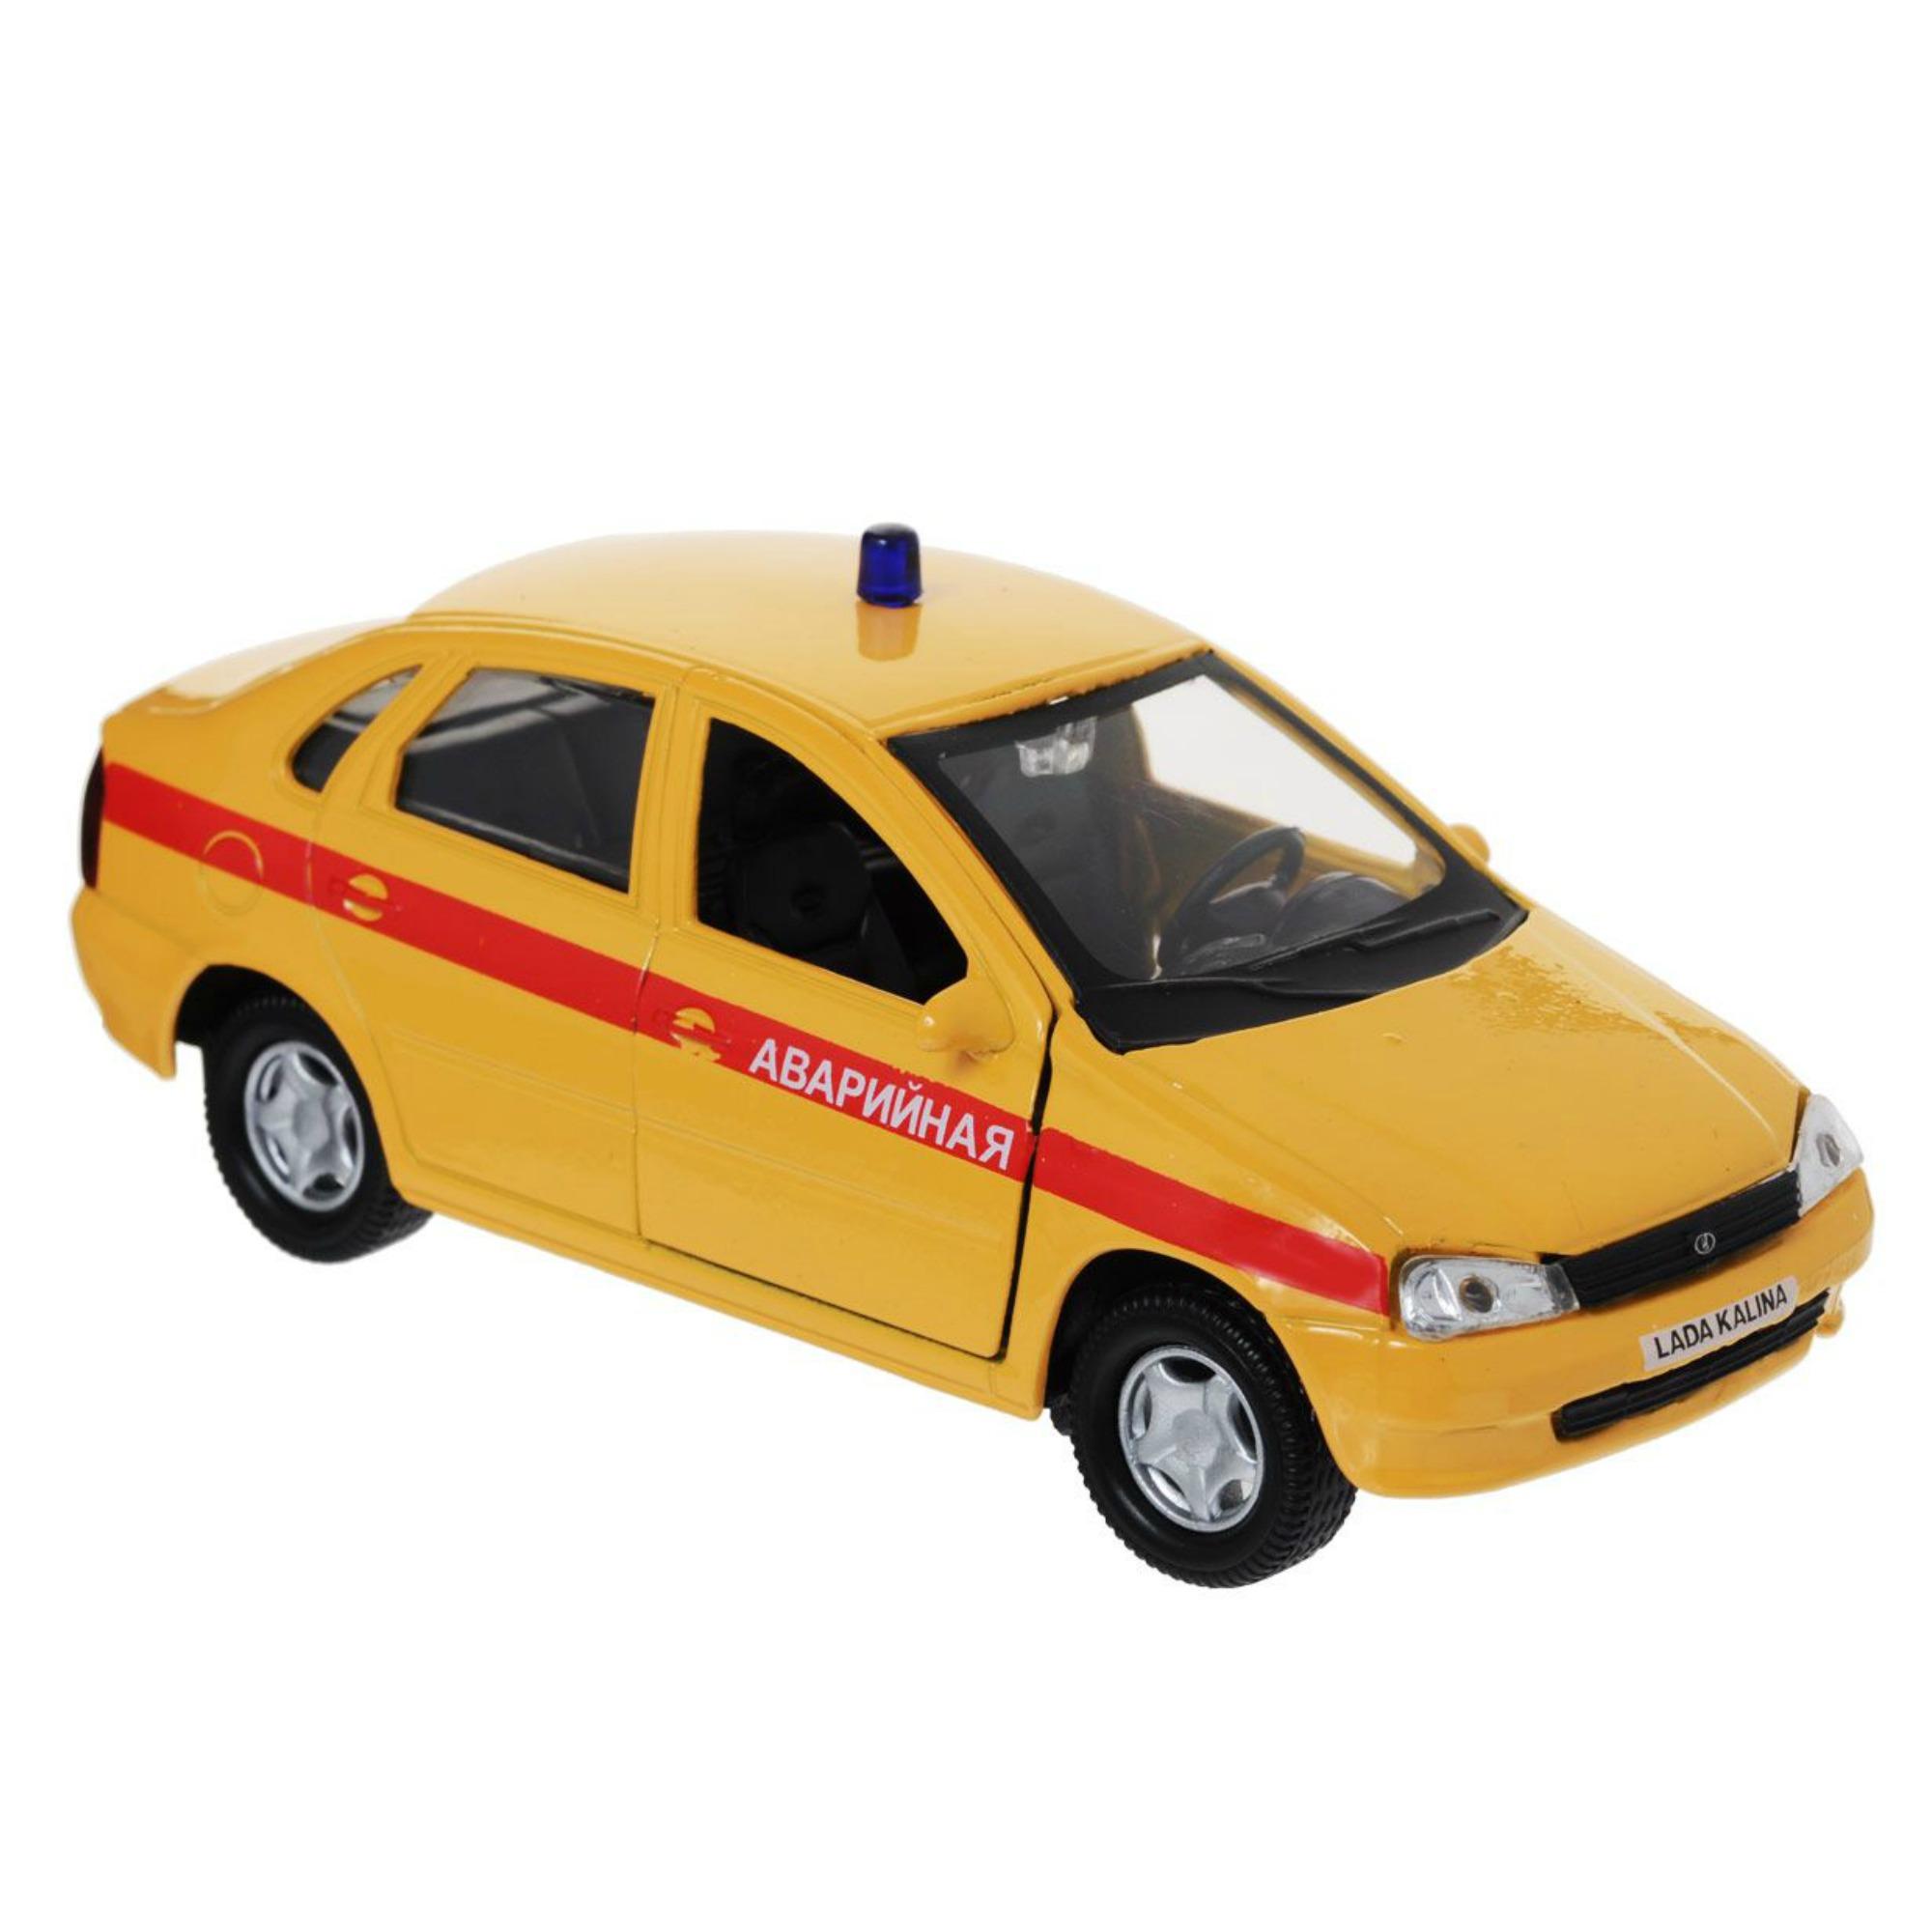 Машинка металлическая Lada Kalina, аварийная 1:34LADA<br>Машинка металлическая Lada Kalina, аварийная 1:34<br>